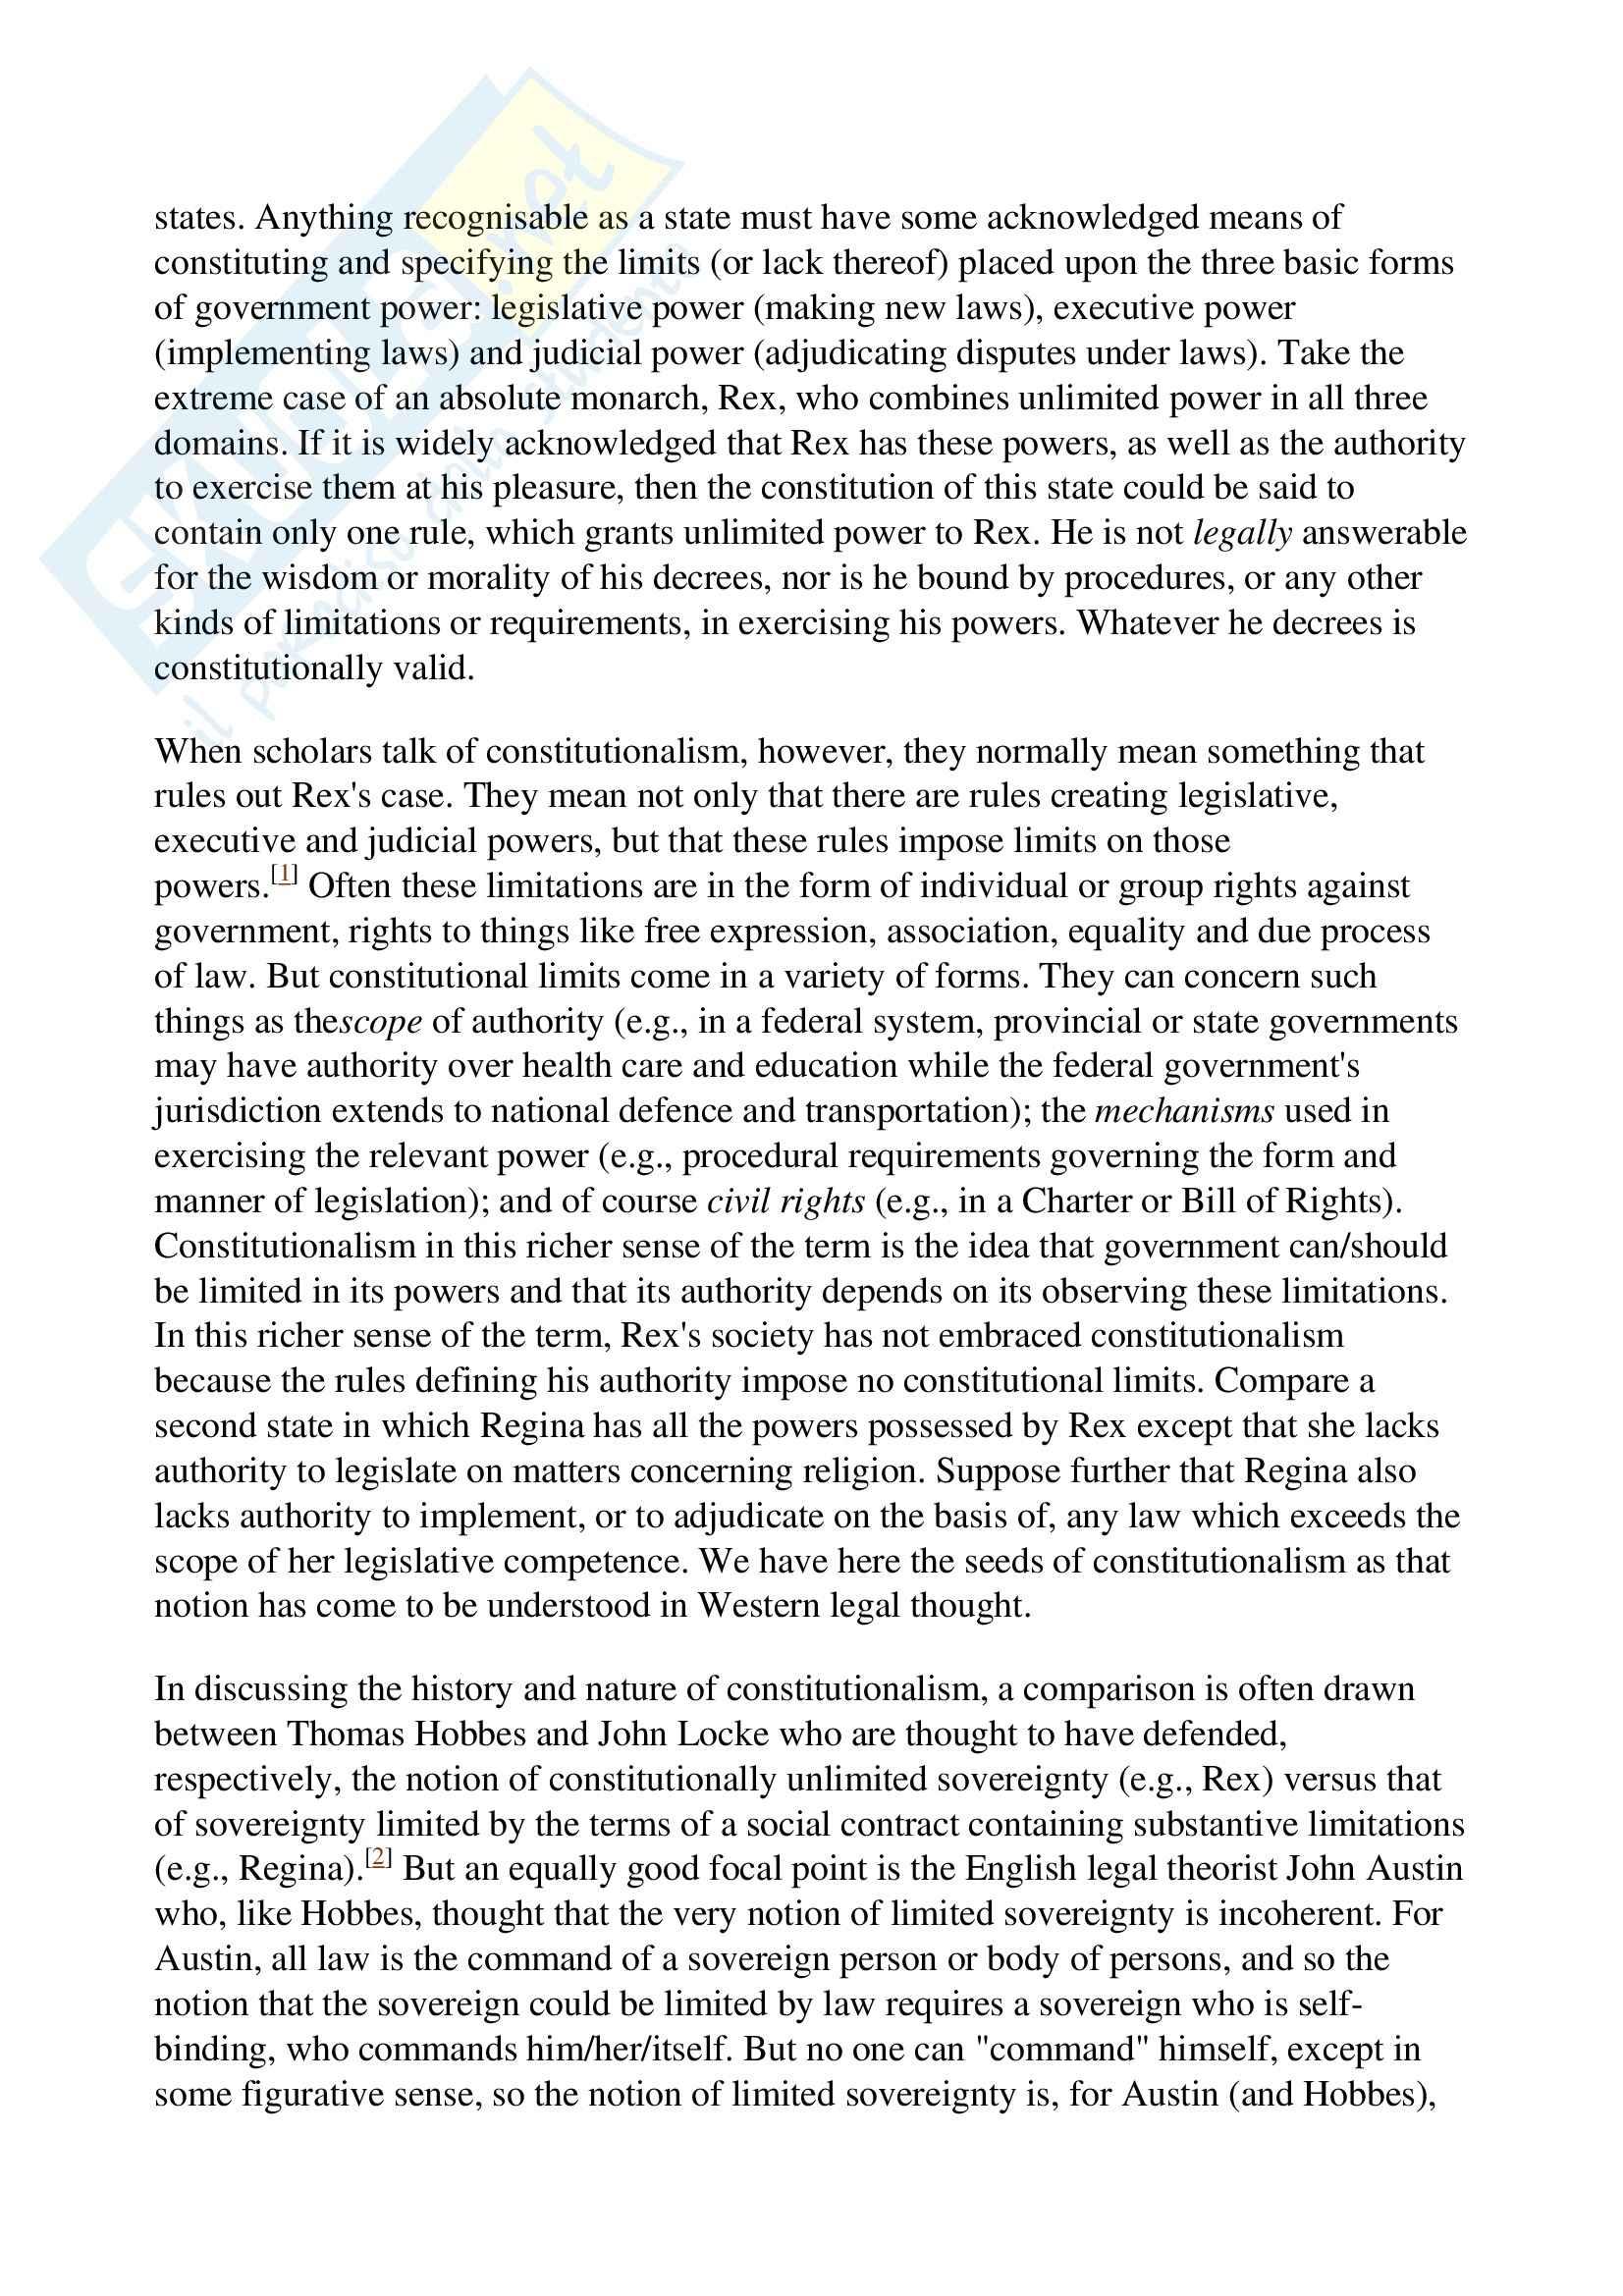 Costituzionalismo - Definizione Pag. 2